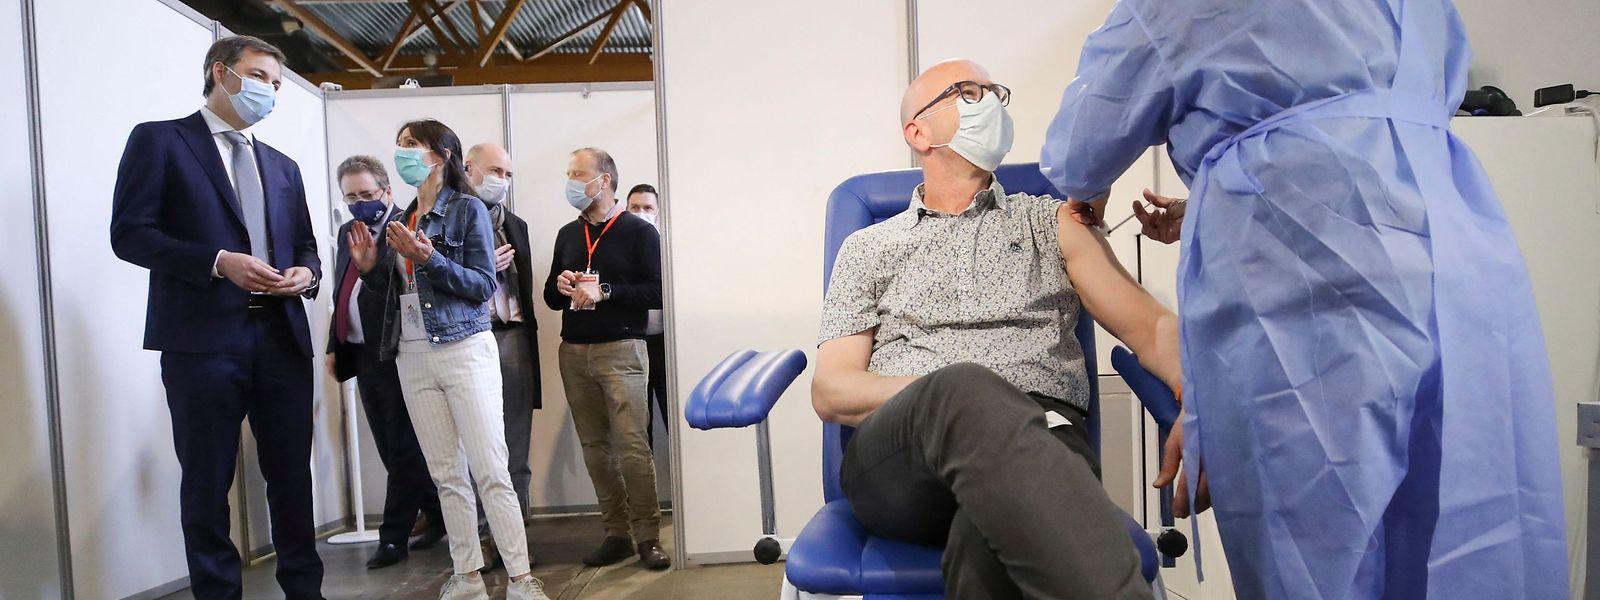 Le Premier ministre belge doit maintenant veiller à ce que la distribution des vaccins anti-covid ne vire pas au détriment de telle ou telle communauté.